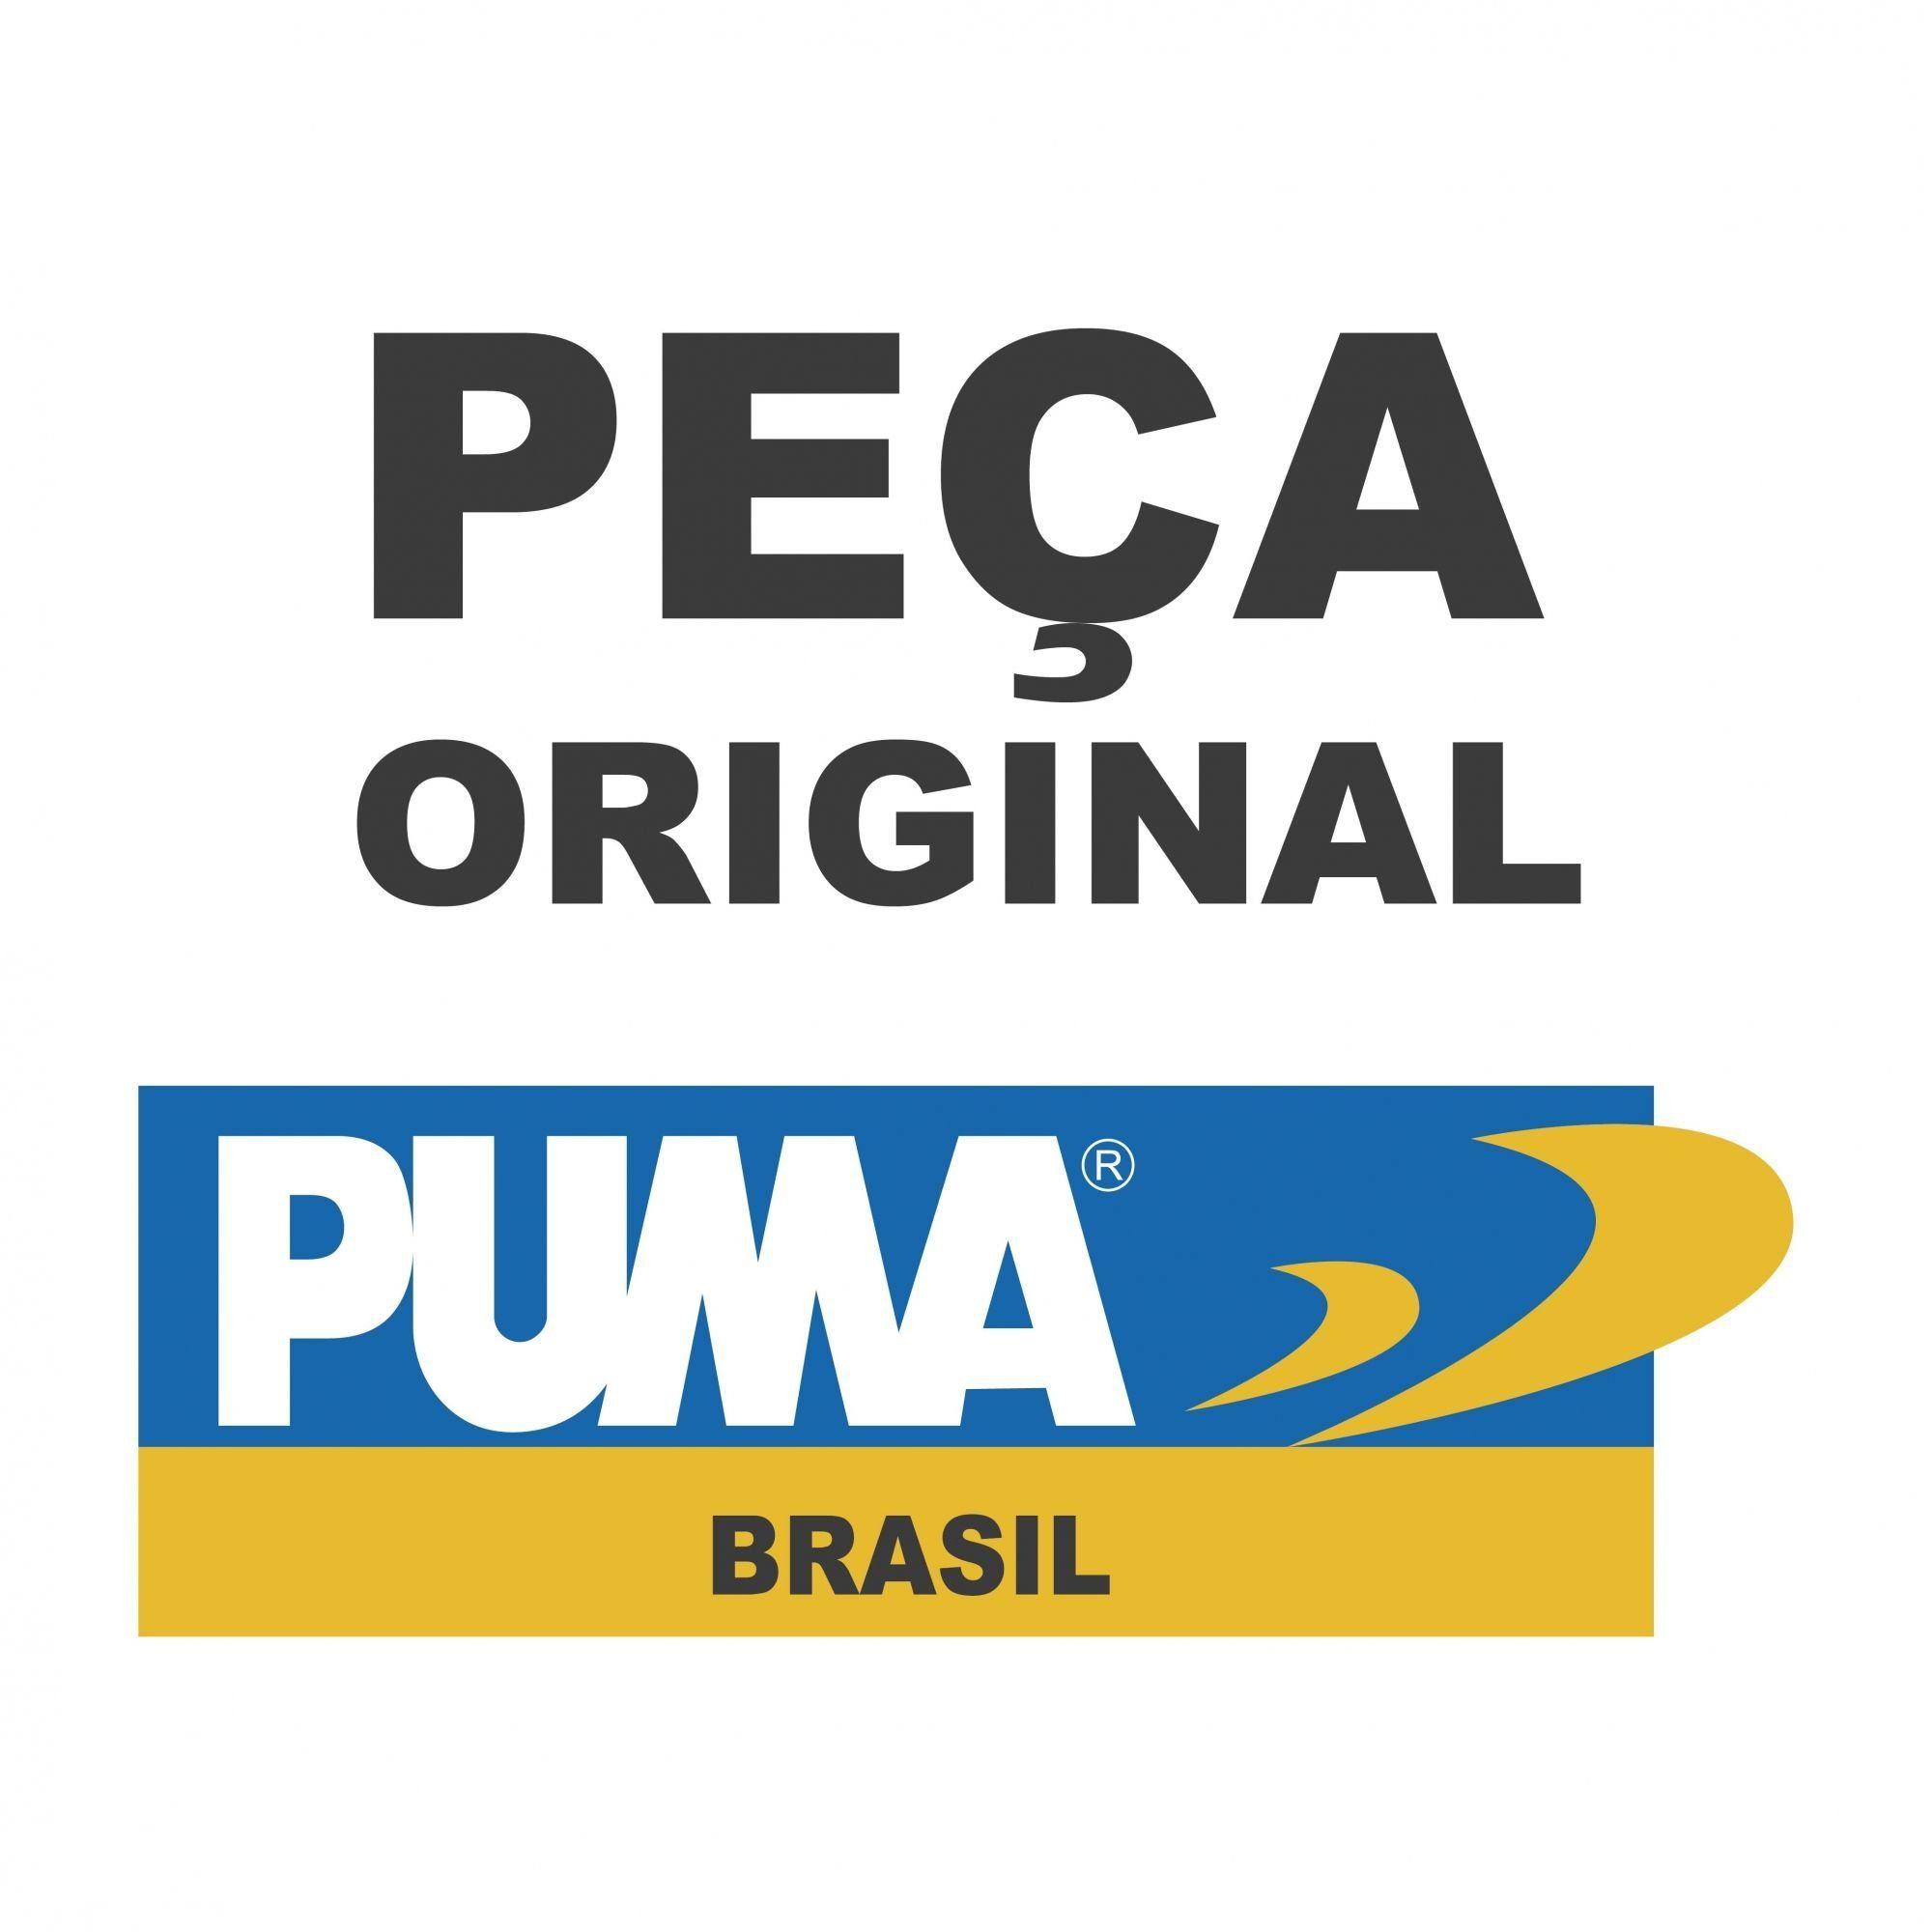 AGULHA DO ROLAMENTO - PEÇA PNEUMÁTICA PUMA - T4168H-03